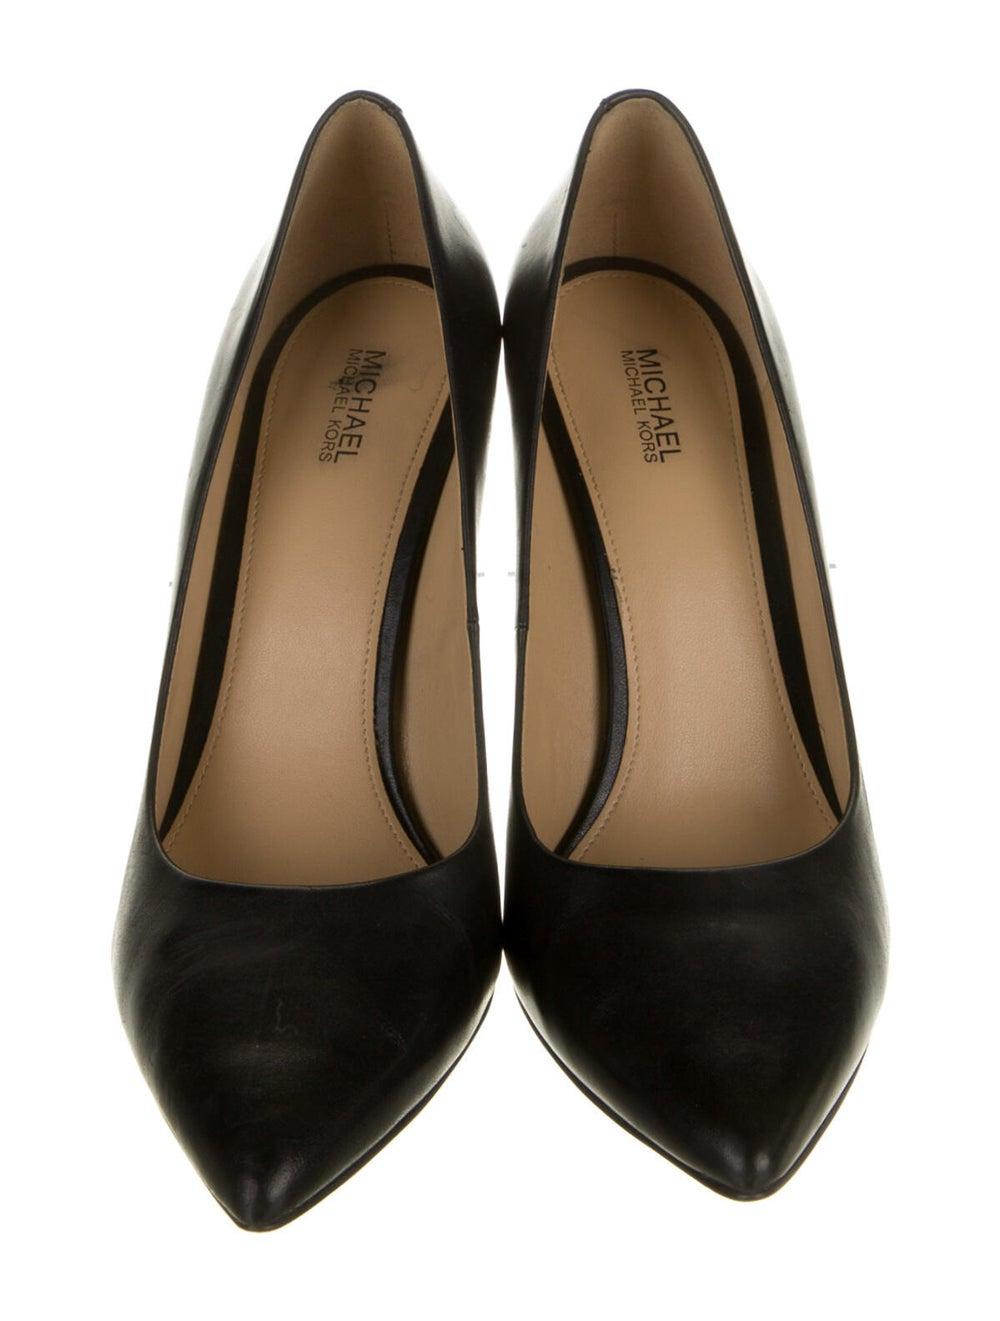 Michael Kors Claire Leather Pumps Black - image 3